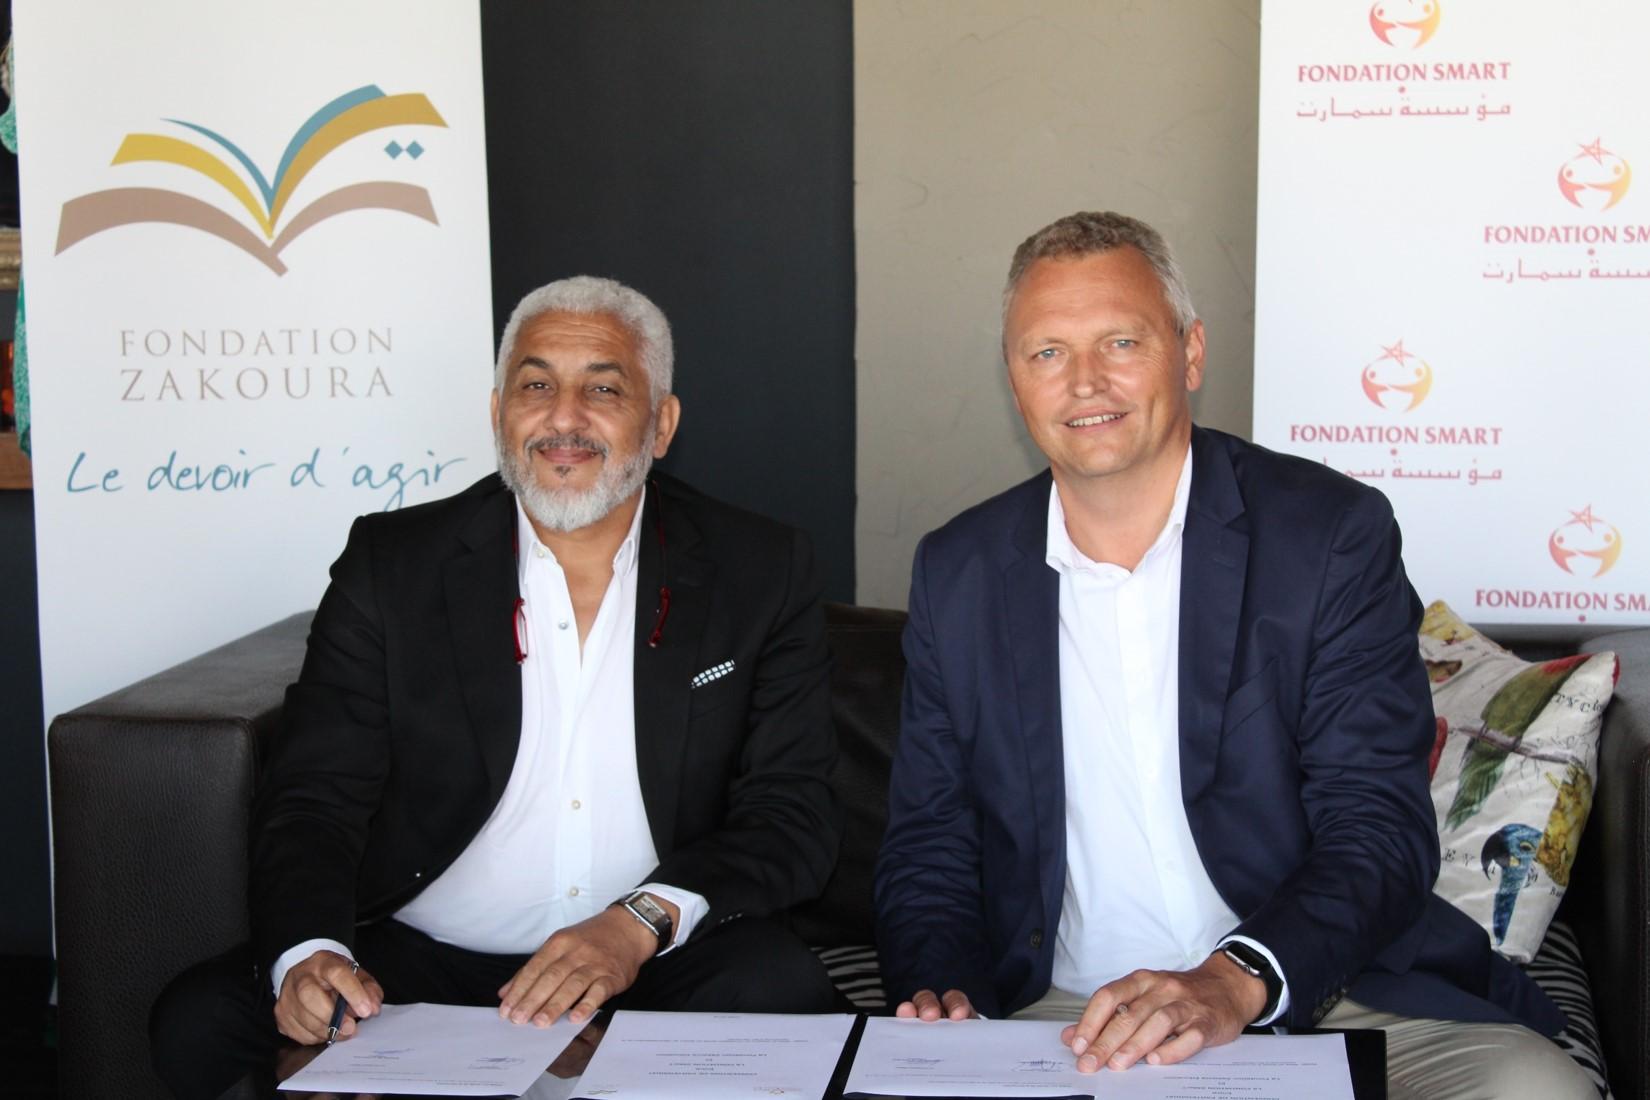 La Fondation SMarT et la Fondation Zakoura lancent un incubateur socio-économique à Ain Harrouda